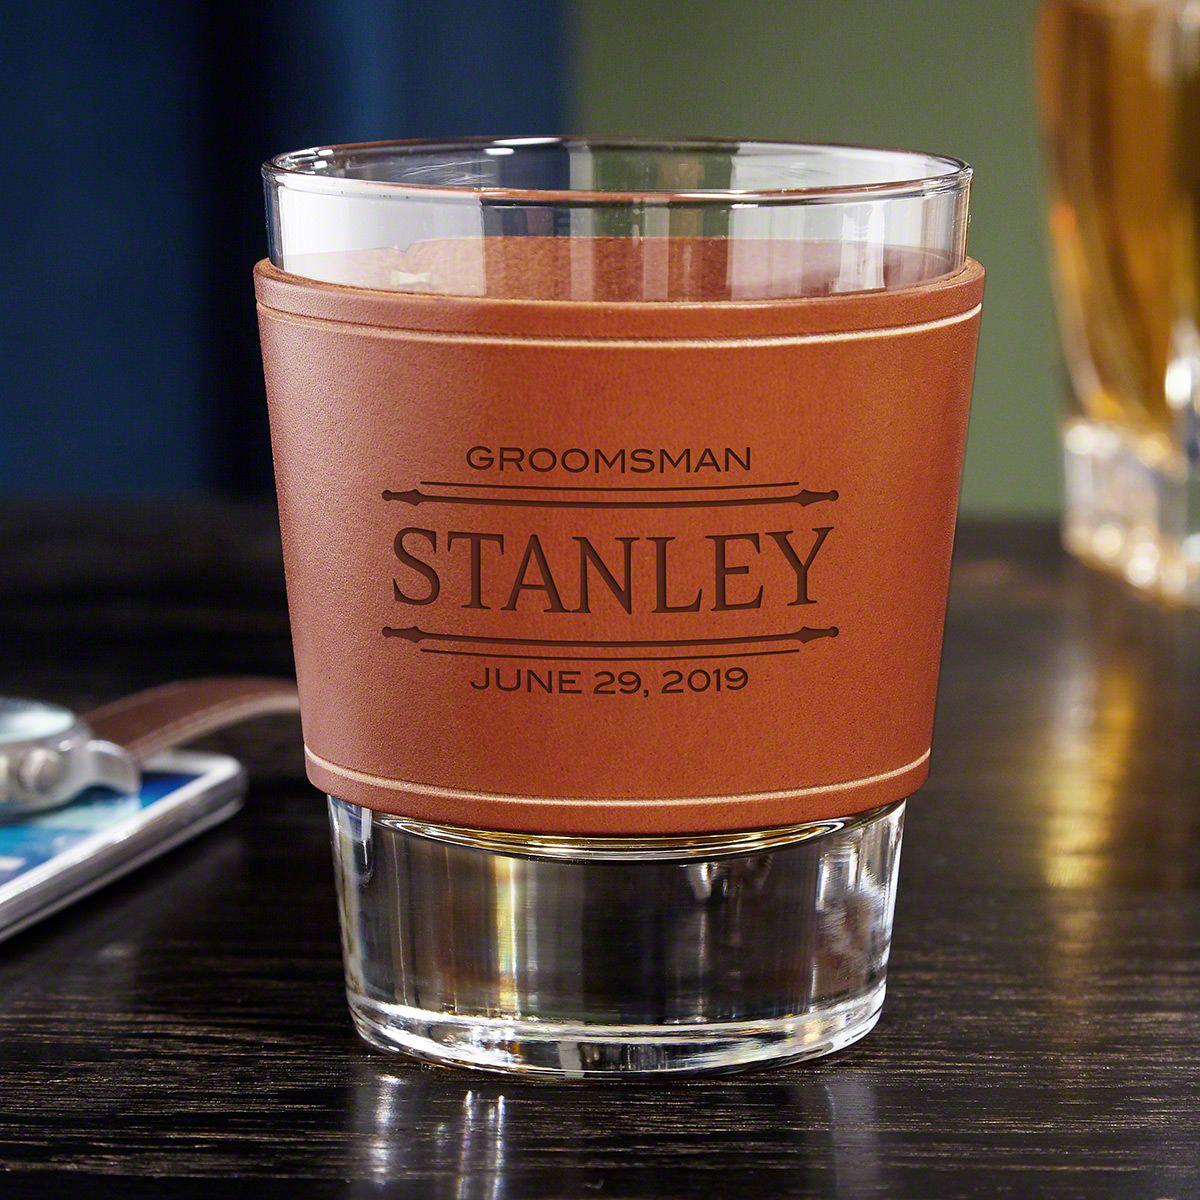 Stanford Custom Leather Wrap Whiskey Glass - Gift for Groomsmen